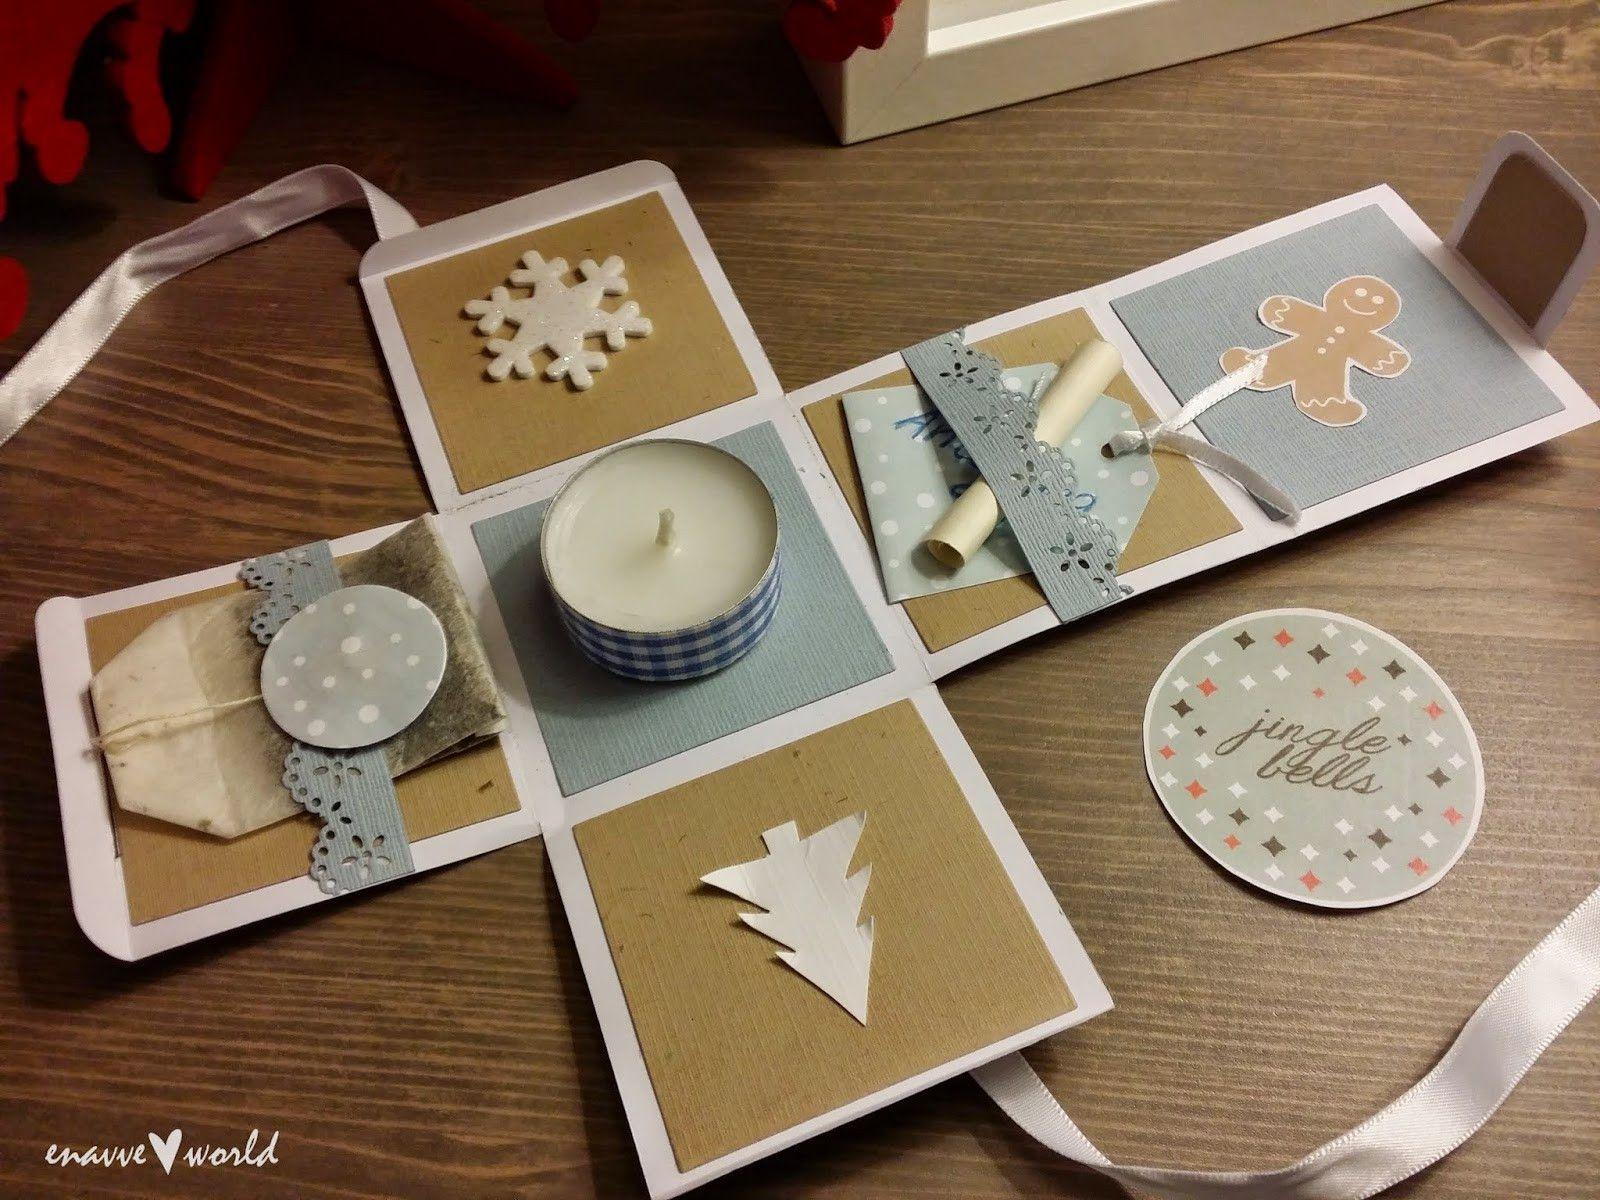 Geschenkideen Für Eltern Zu Weihnachten Selber Machen Inspirational Enavve World Kleine Geschenke Entspannungsbox | Geburtstagsgeschenke Karten #geschenkideenweihnachteneltern